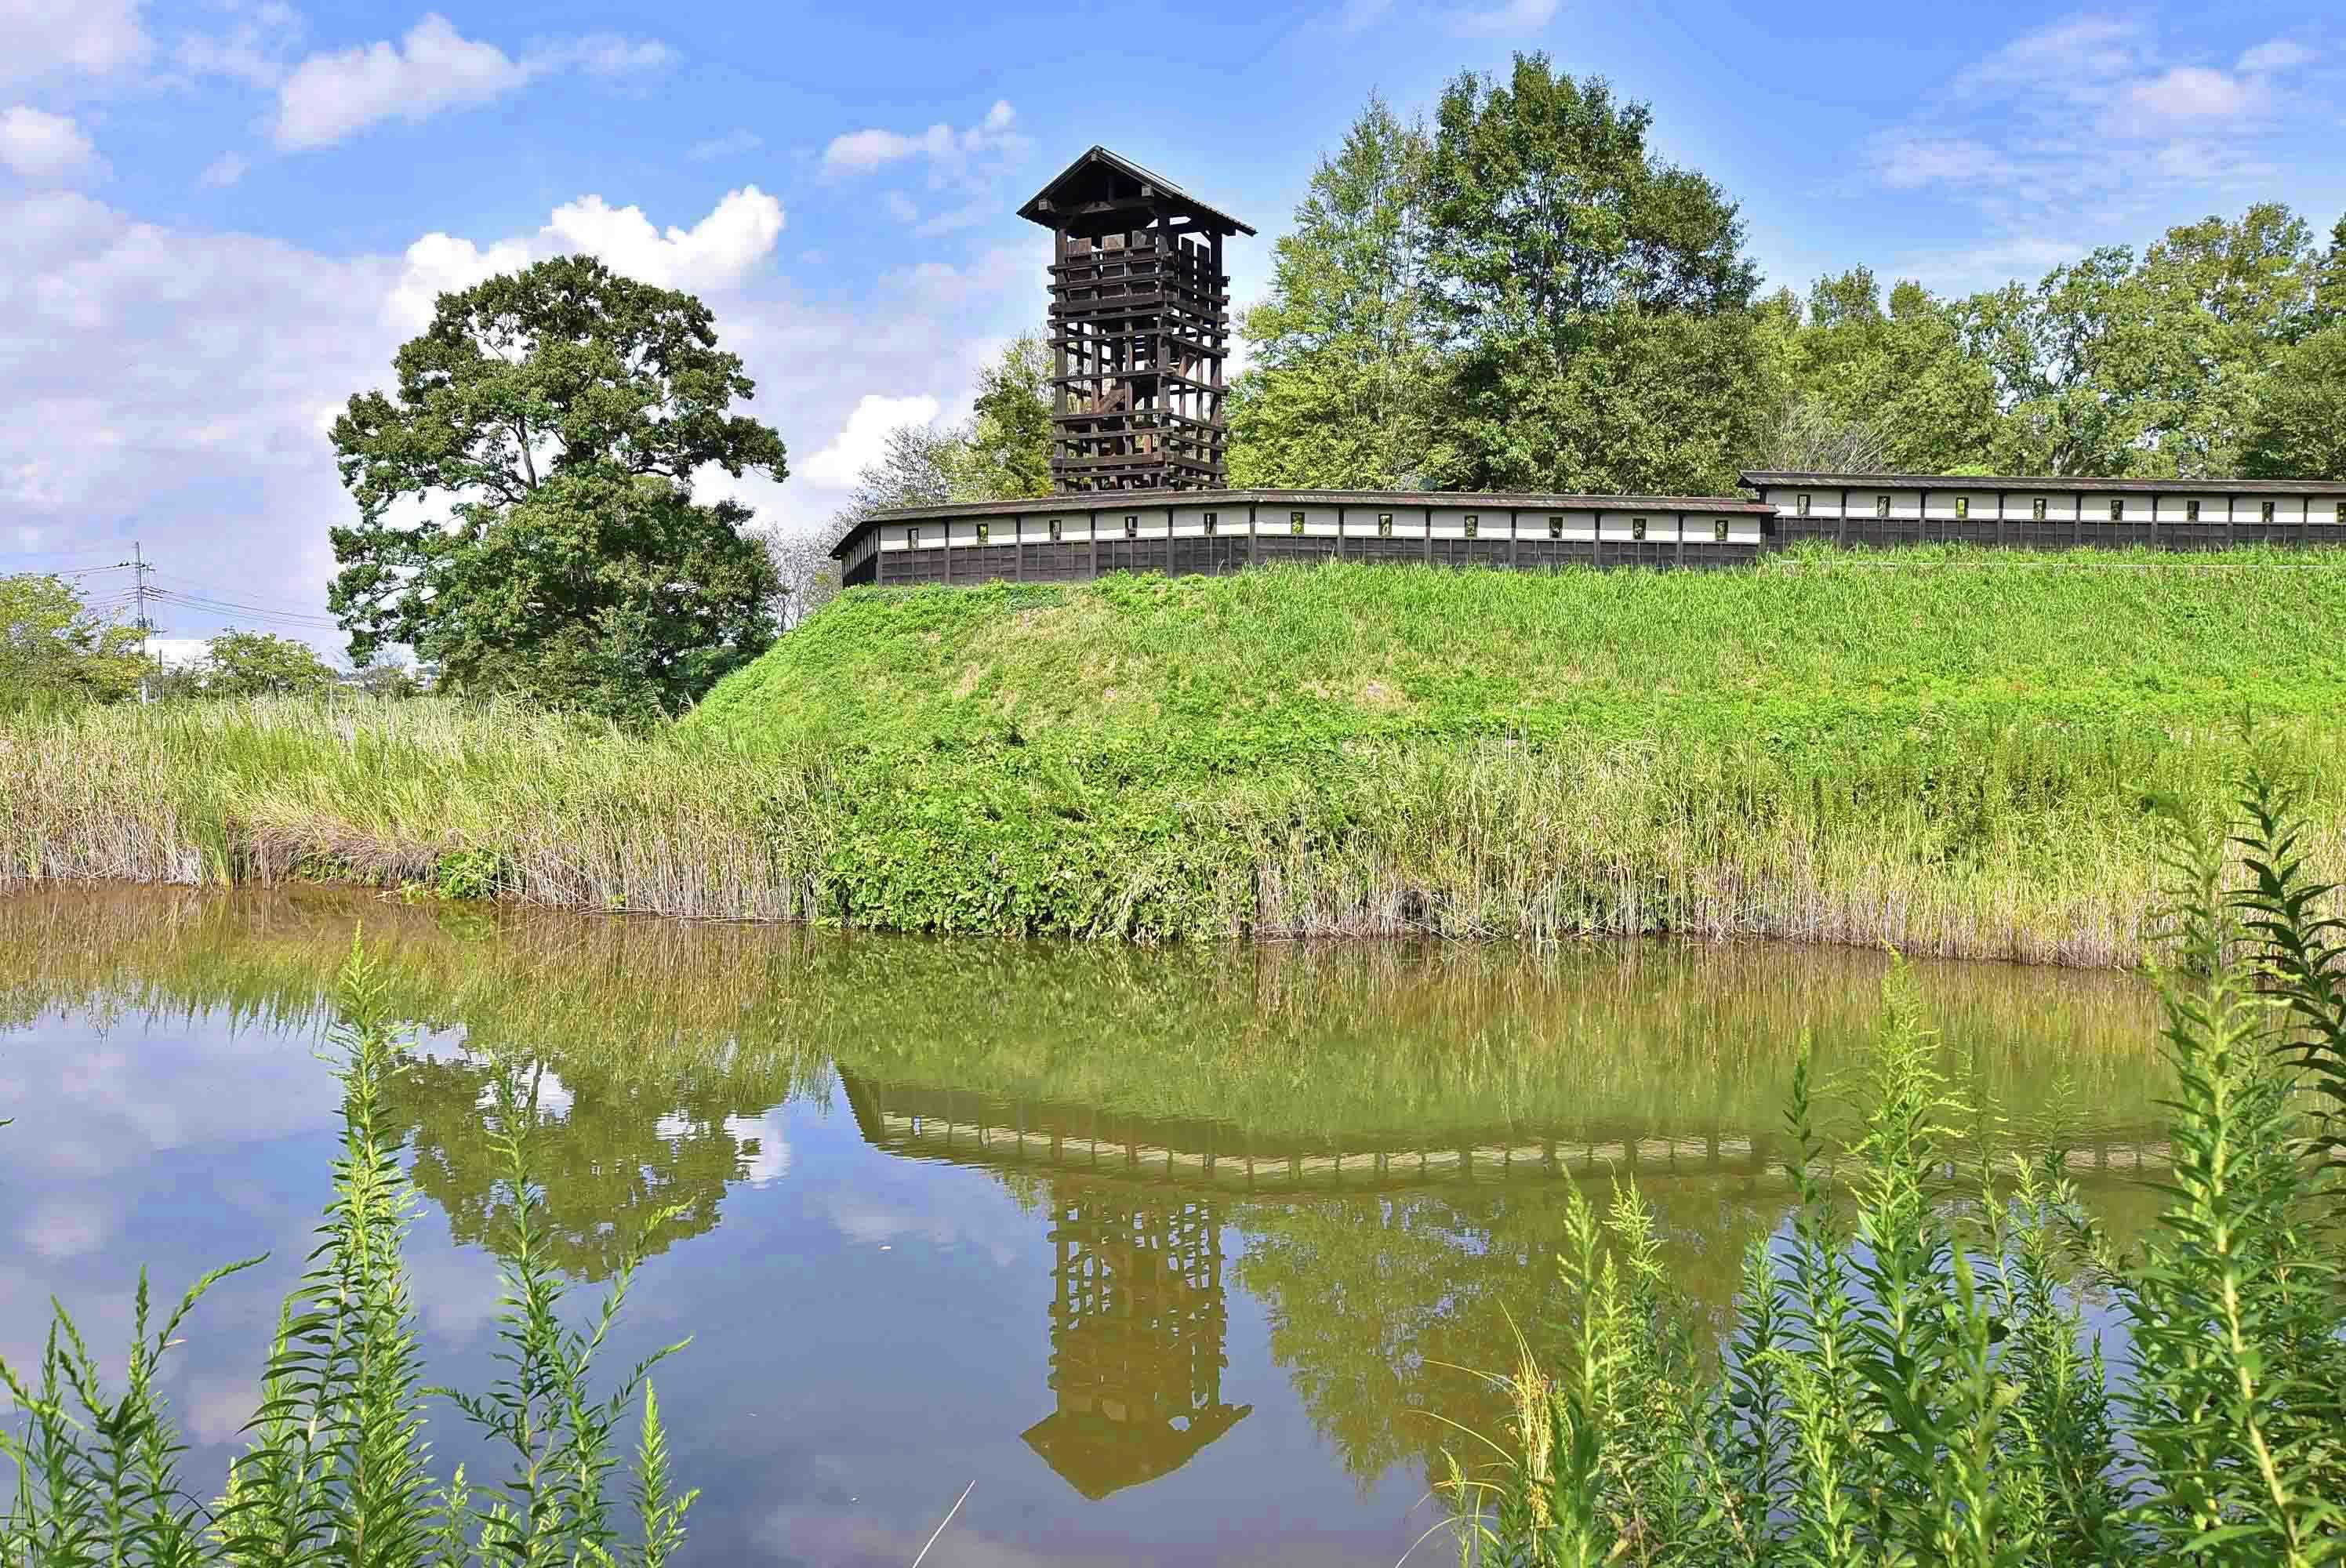 逆井城 水面に移る井楼矢倉